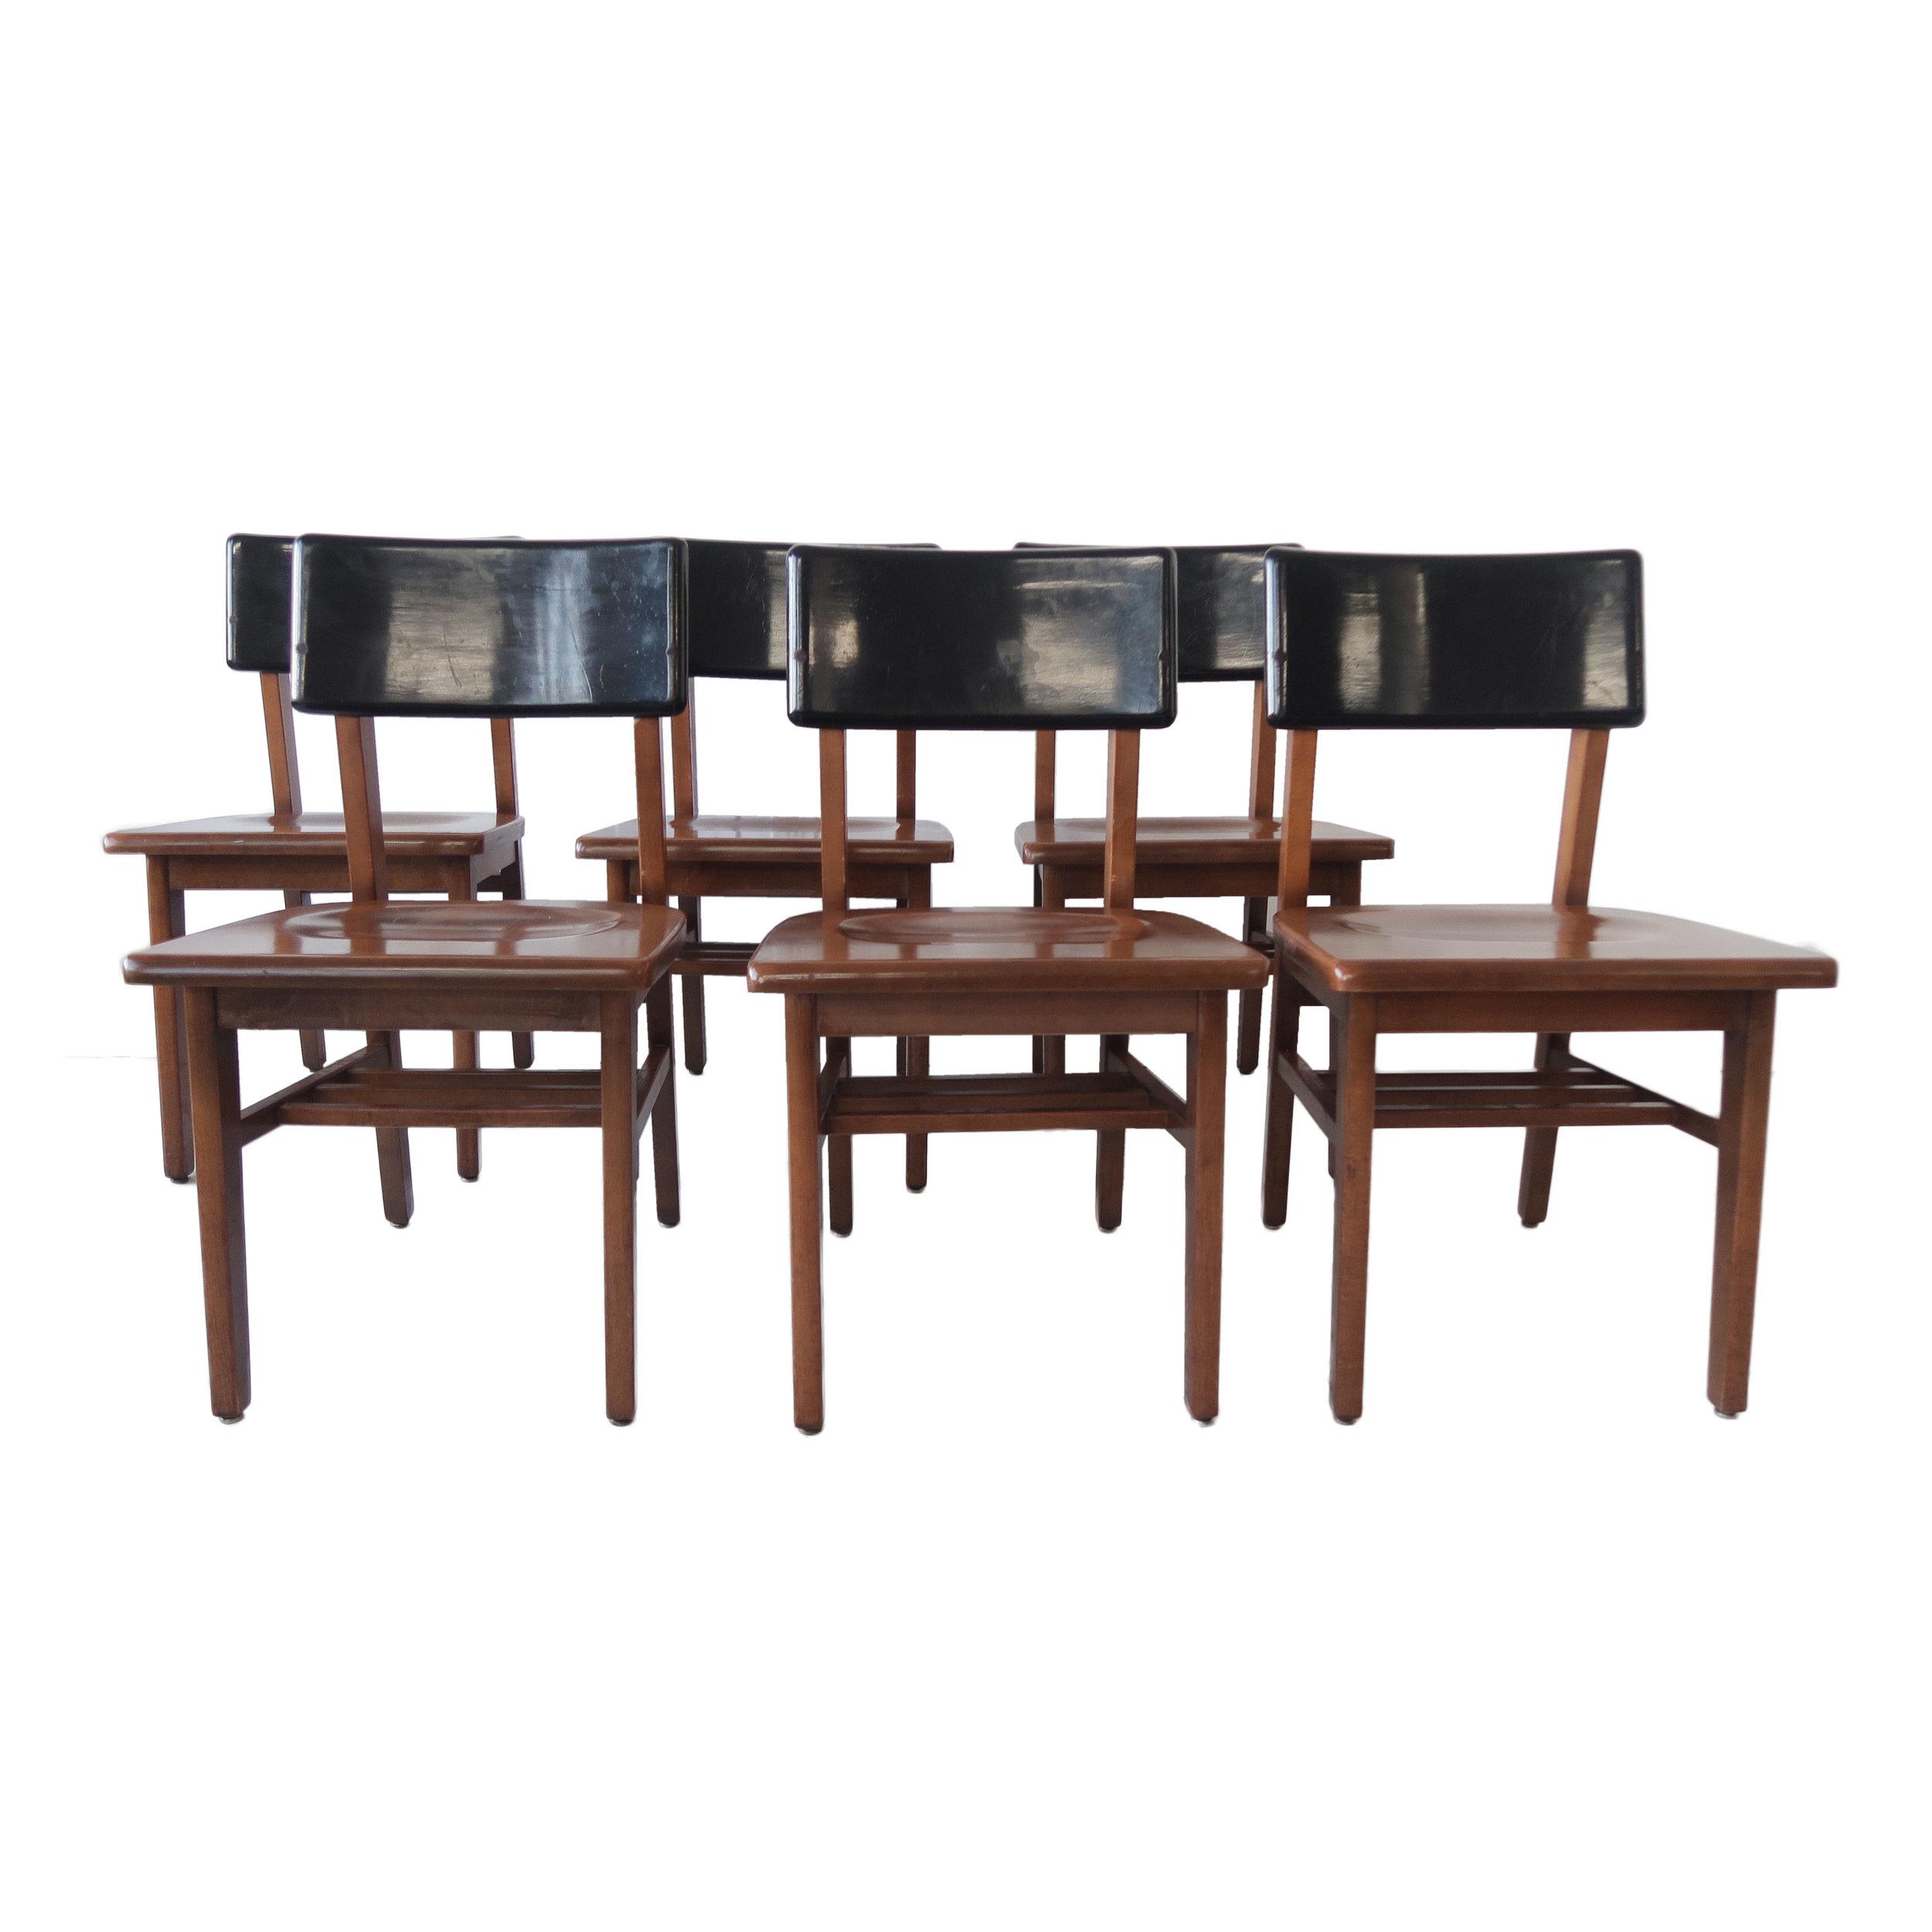 vintage black and wood chairs.jpg